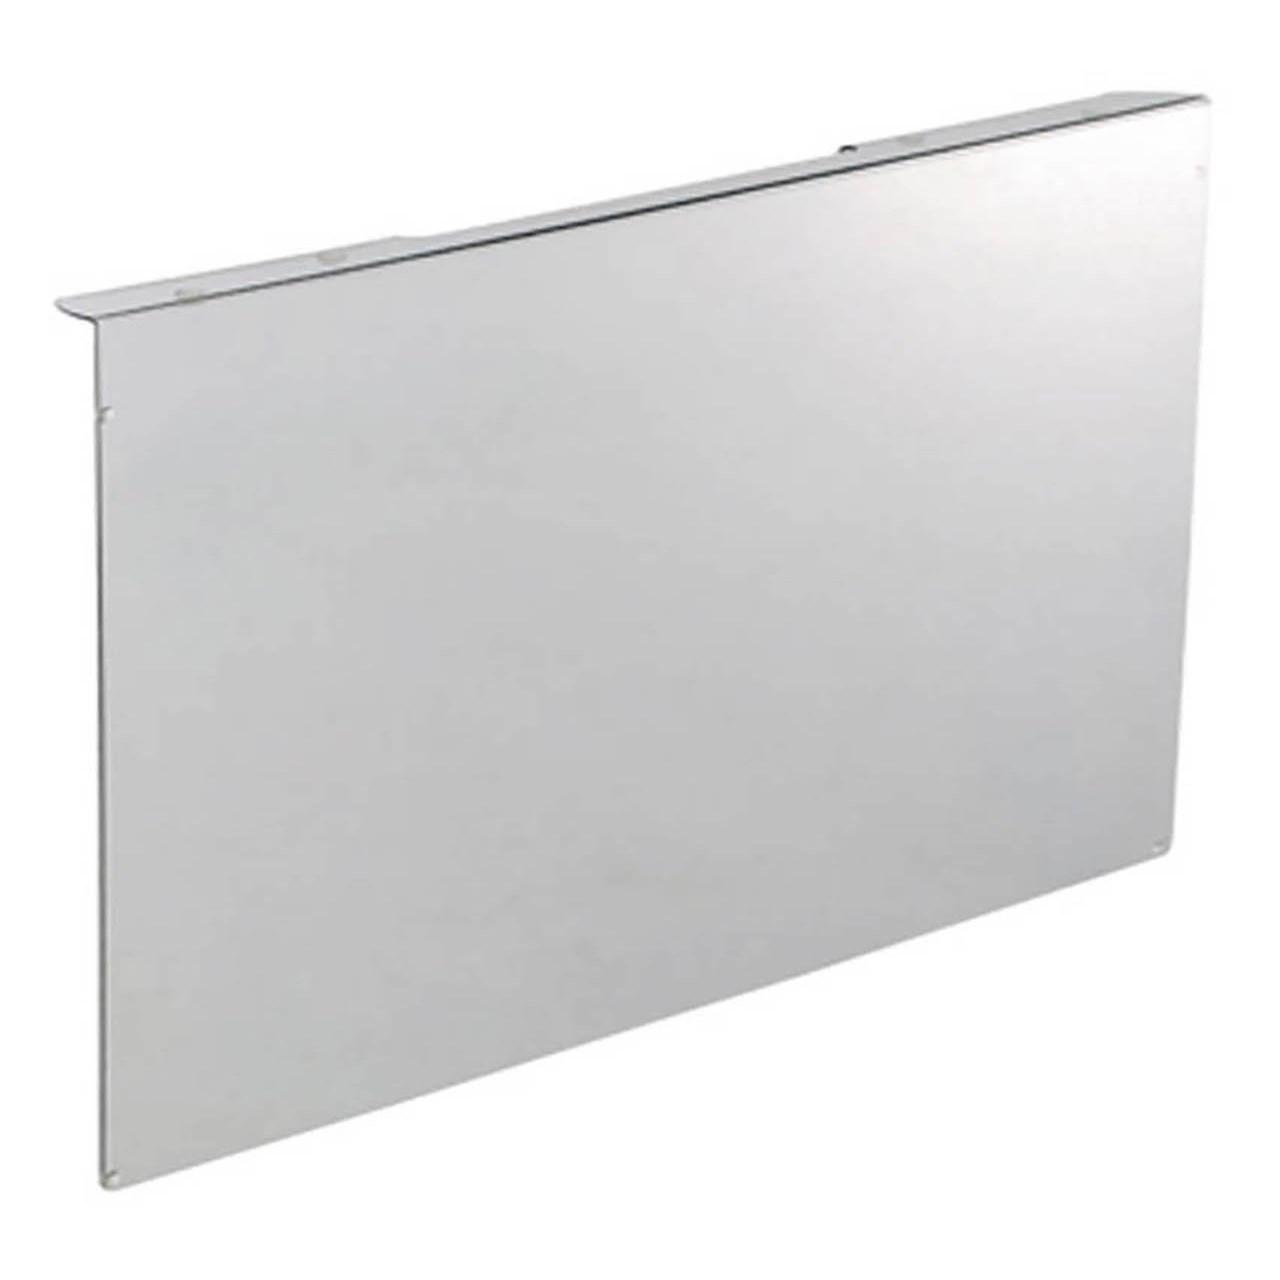 محافظ صفحه تلویزیون تی وی آرم مدل 50 اینچ